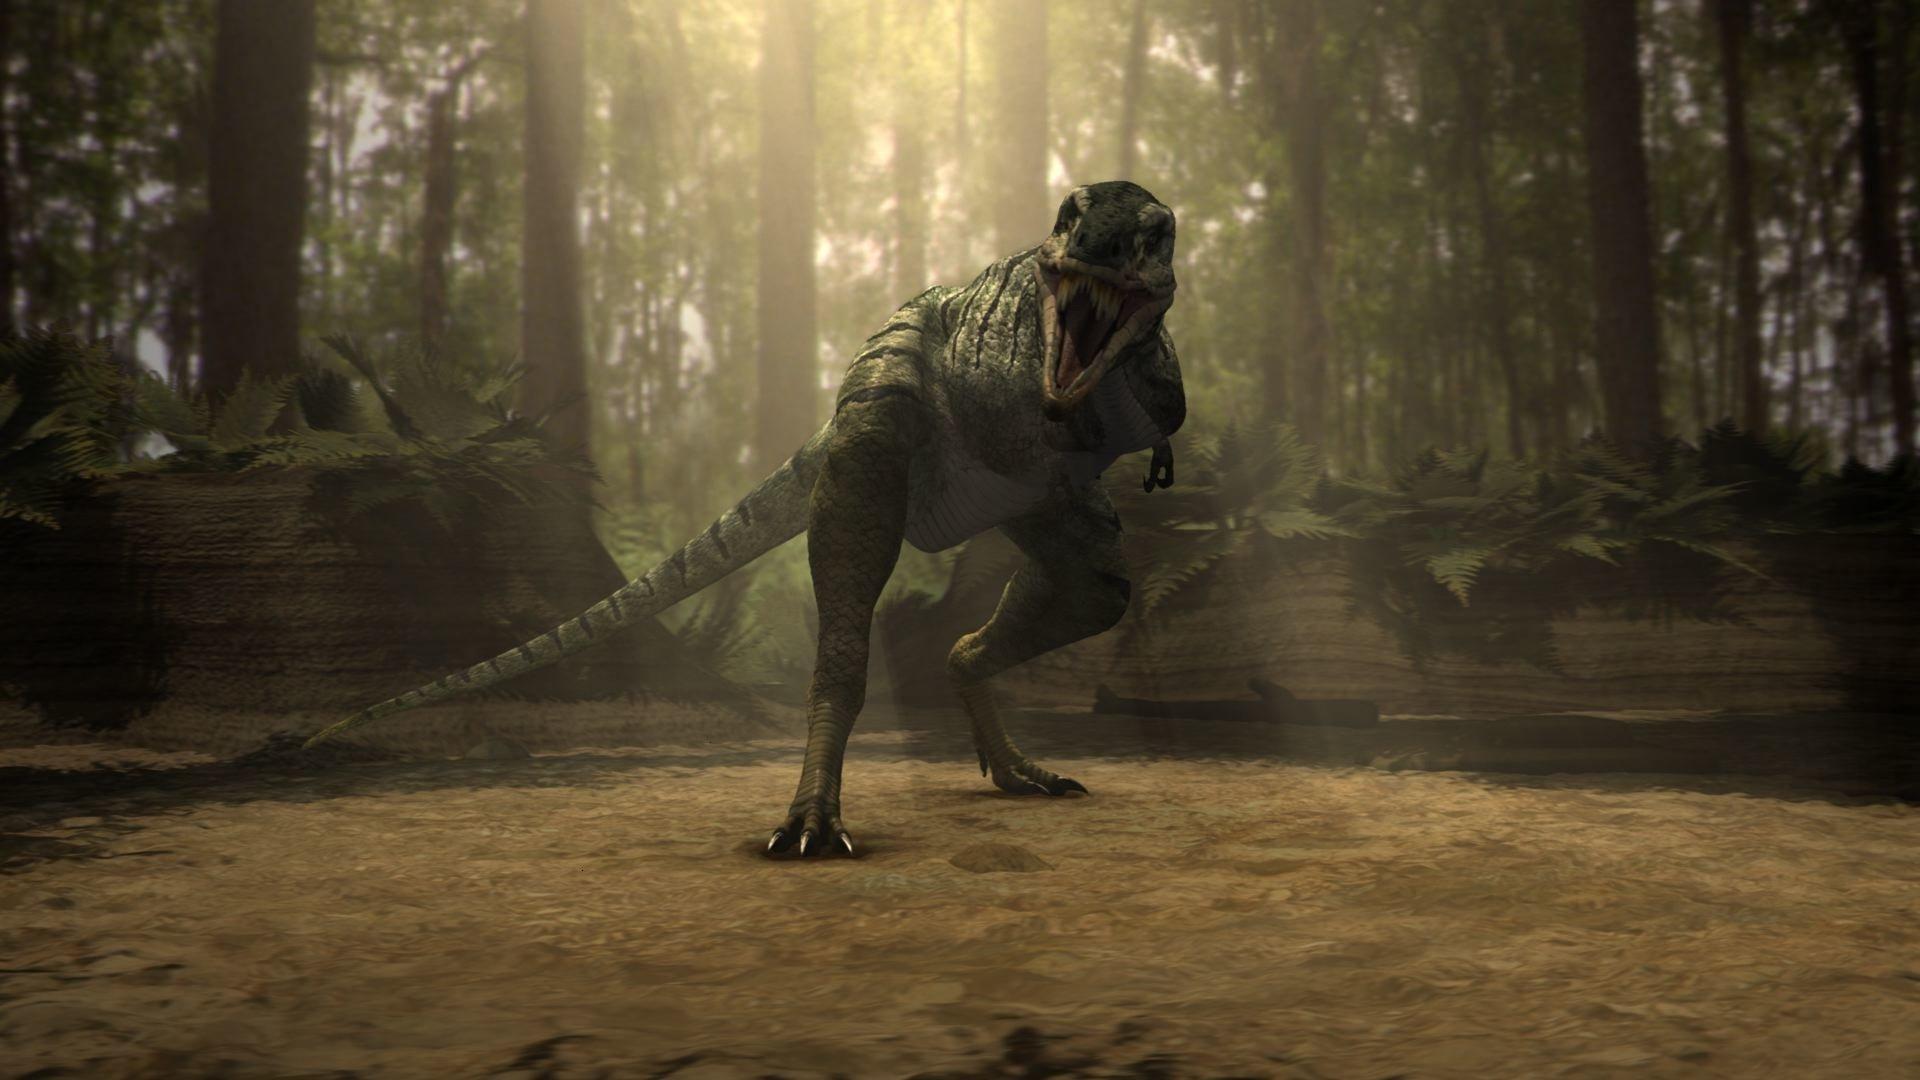 Обои на рабочий стол динозавры hd